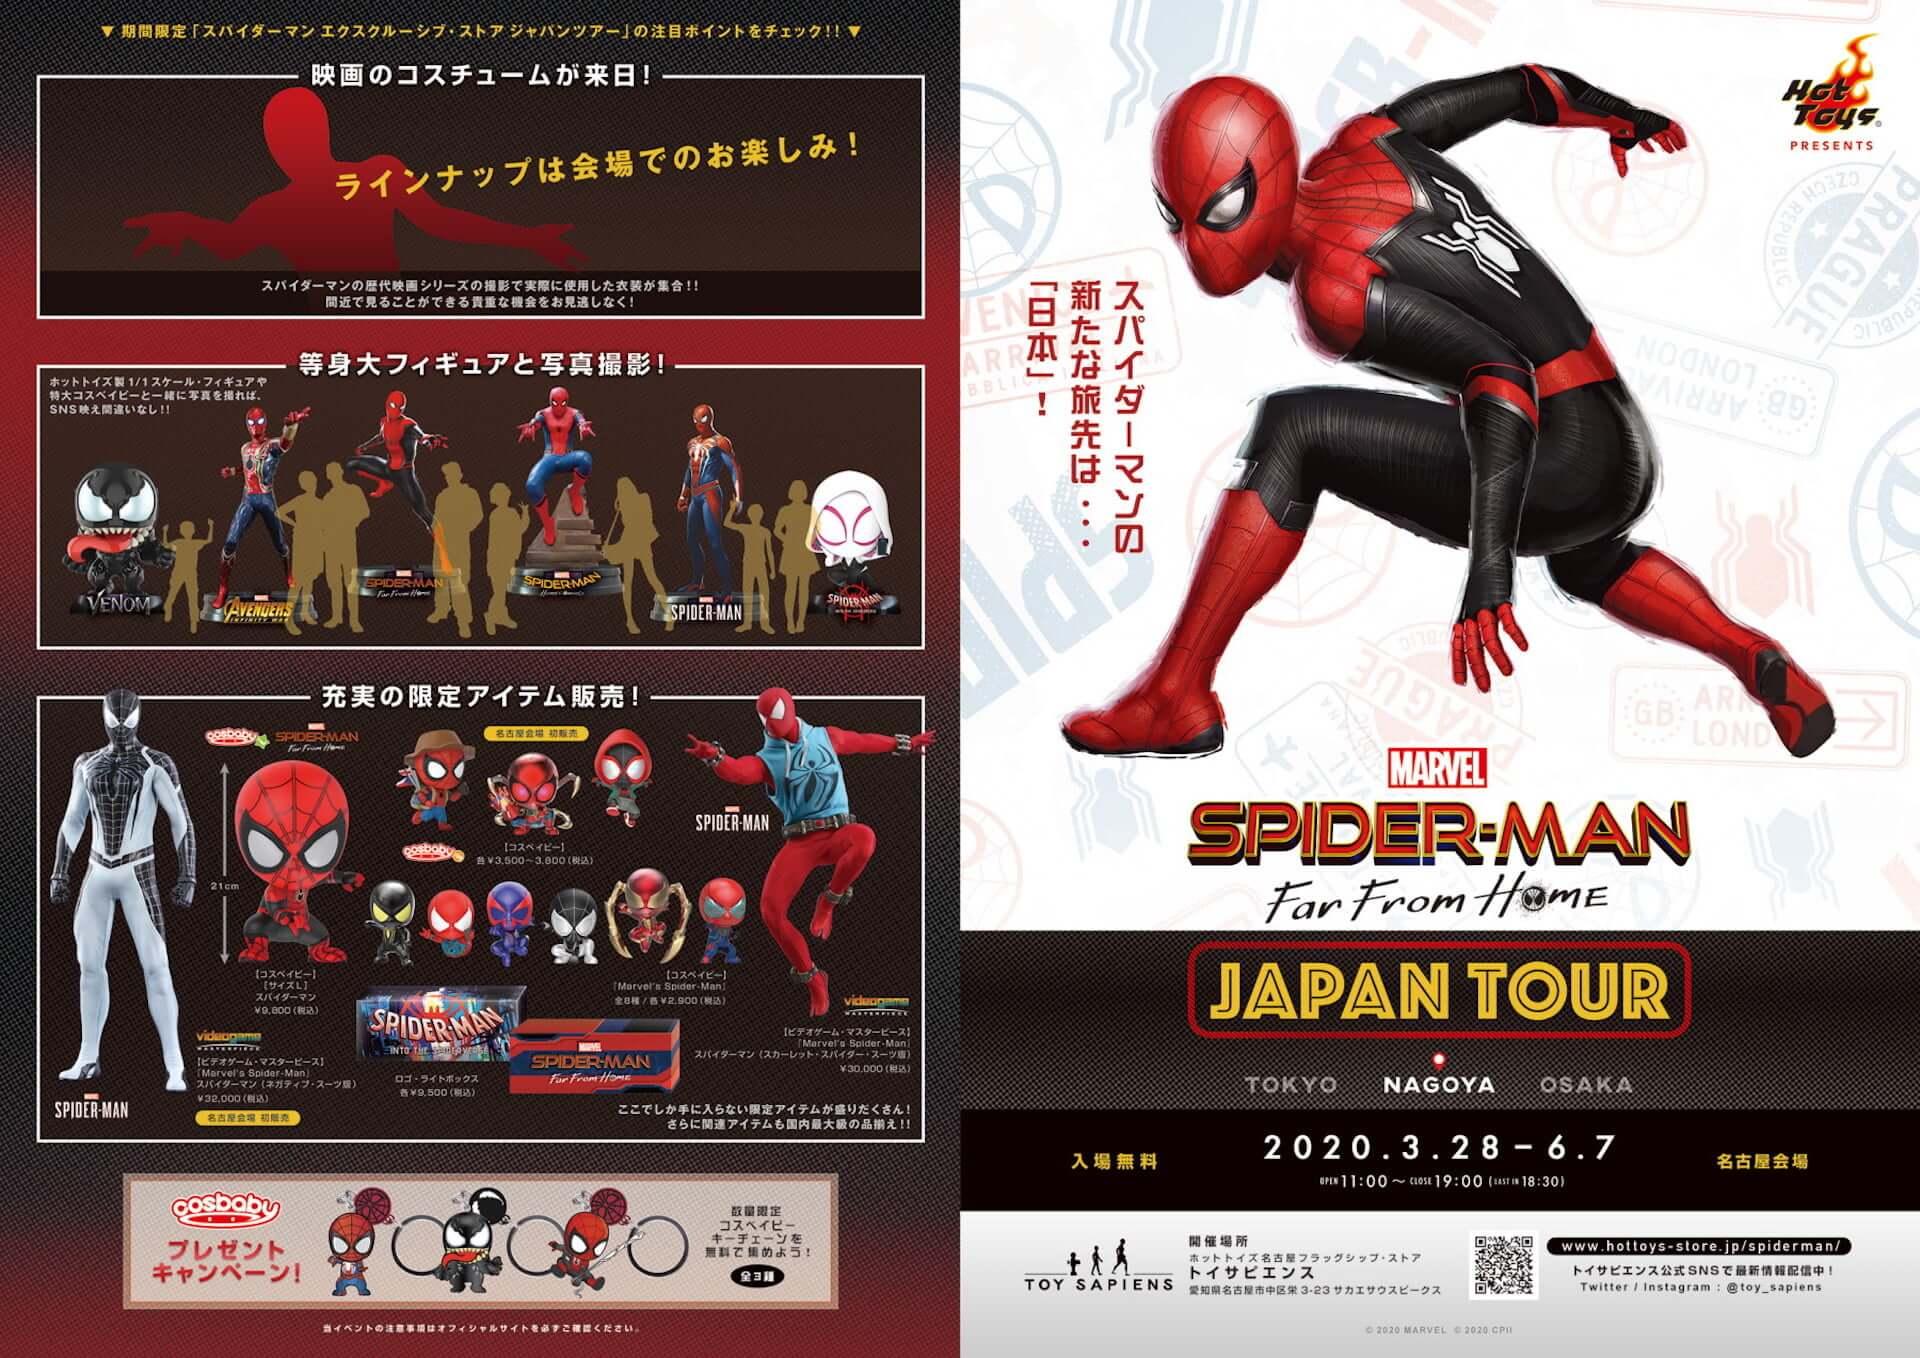 『スパイダーマン』撮影に使用された衣装が来日!トイサピエンス名古屋にて入場無料の体験型イベントがオープン art200330_hottoys_spiderman_1-1920x1358